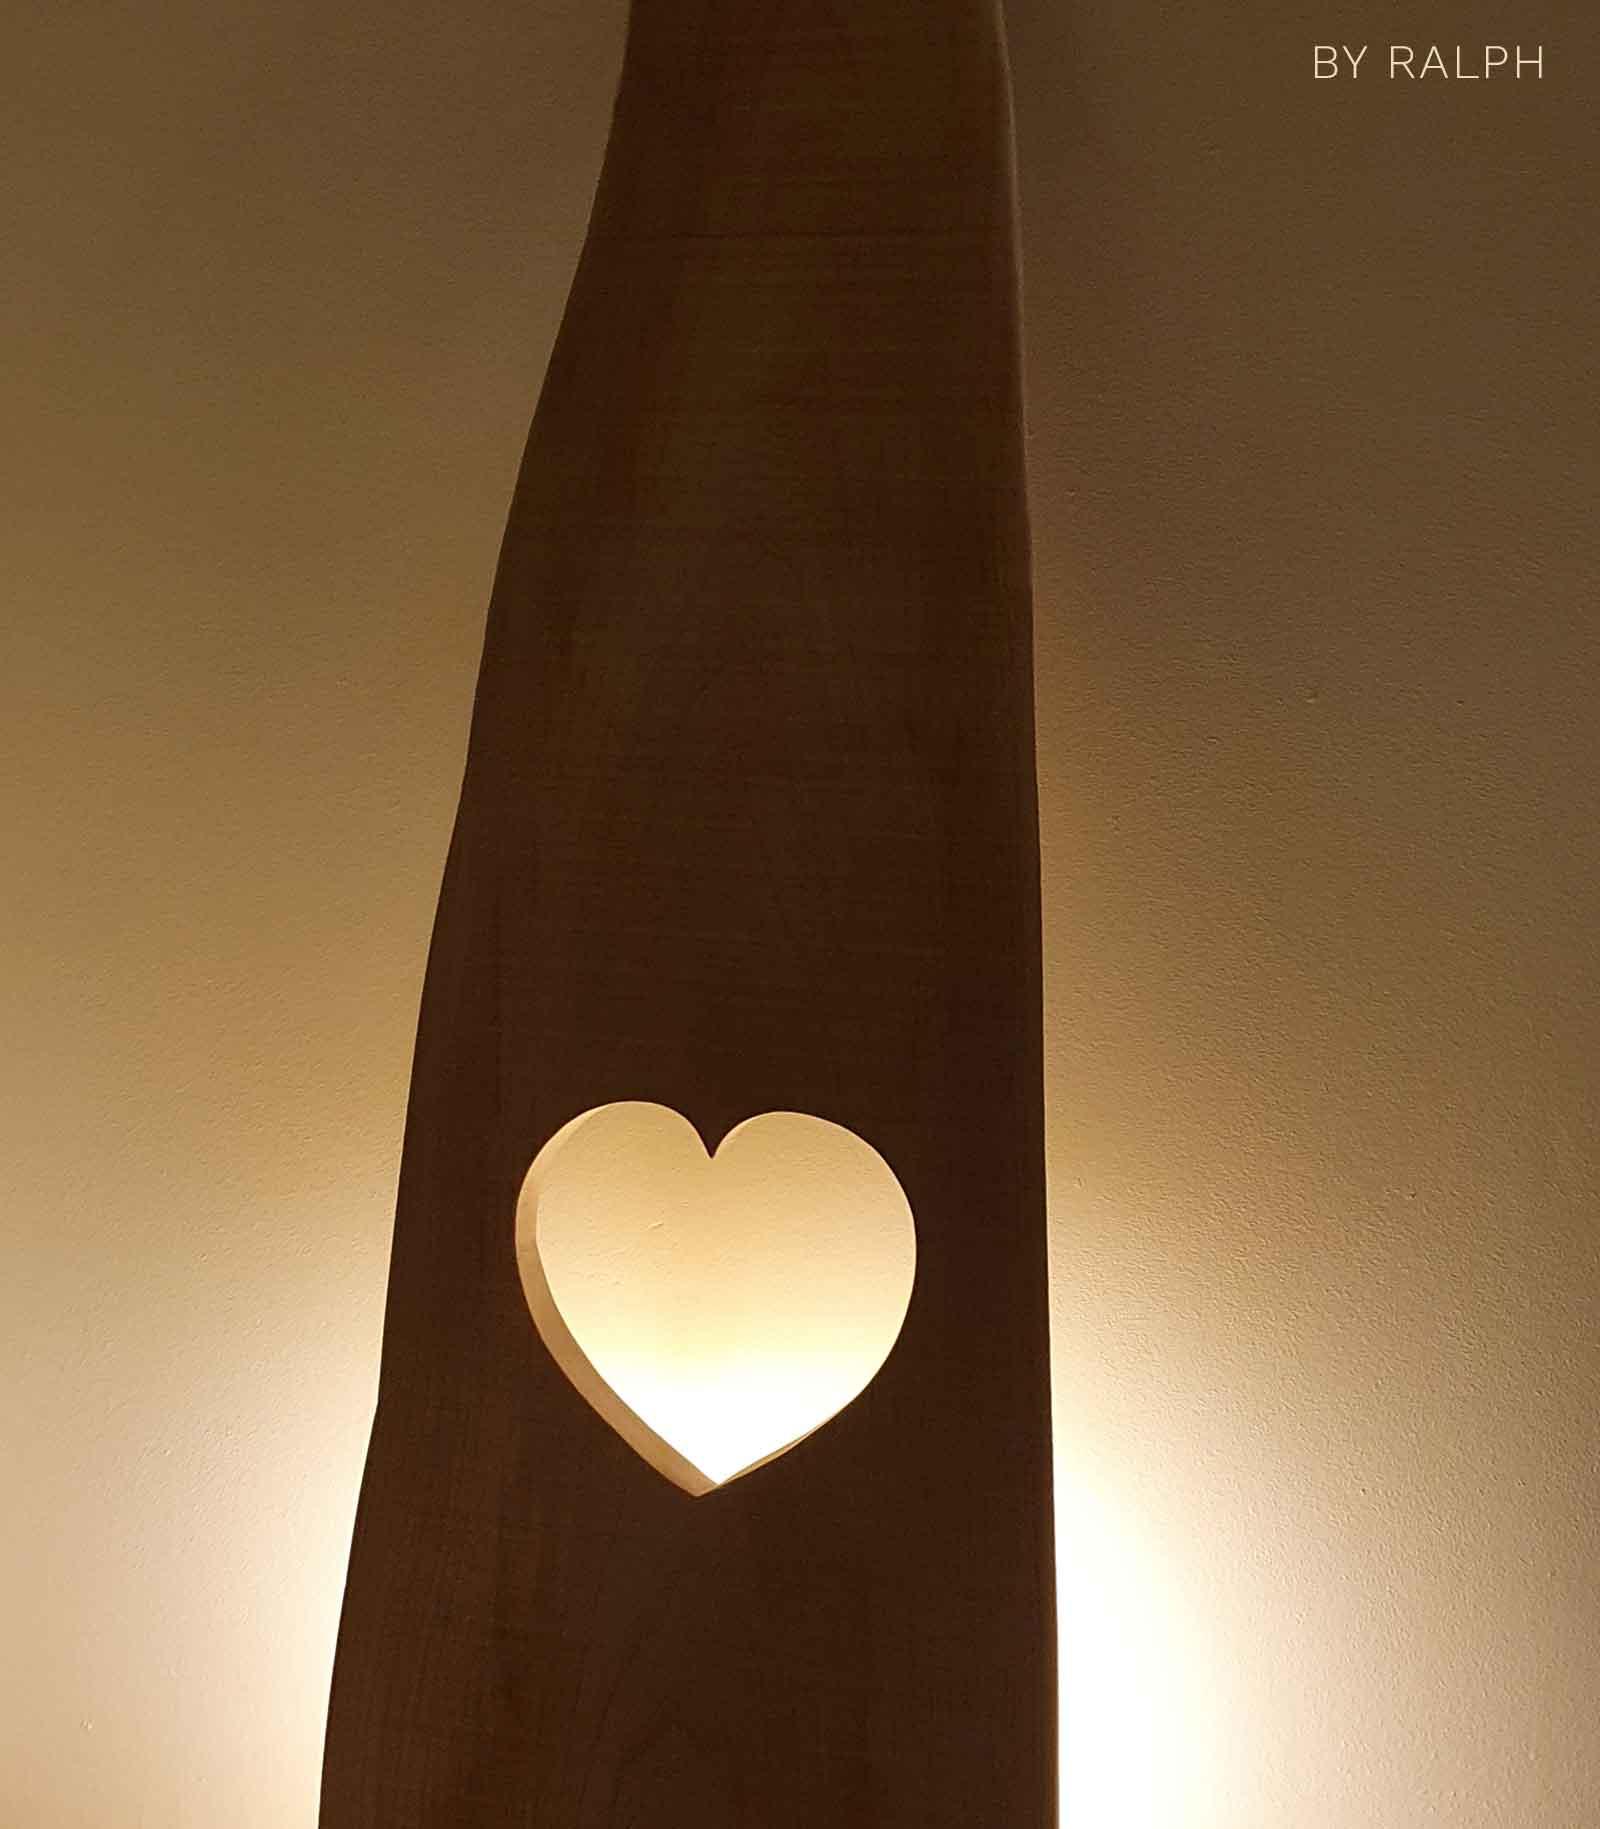 Night ♥ Love ♥ Light